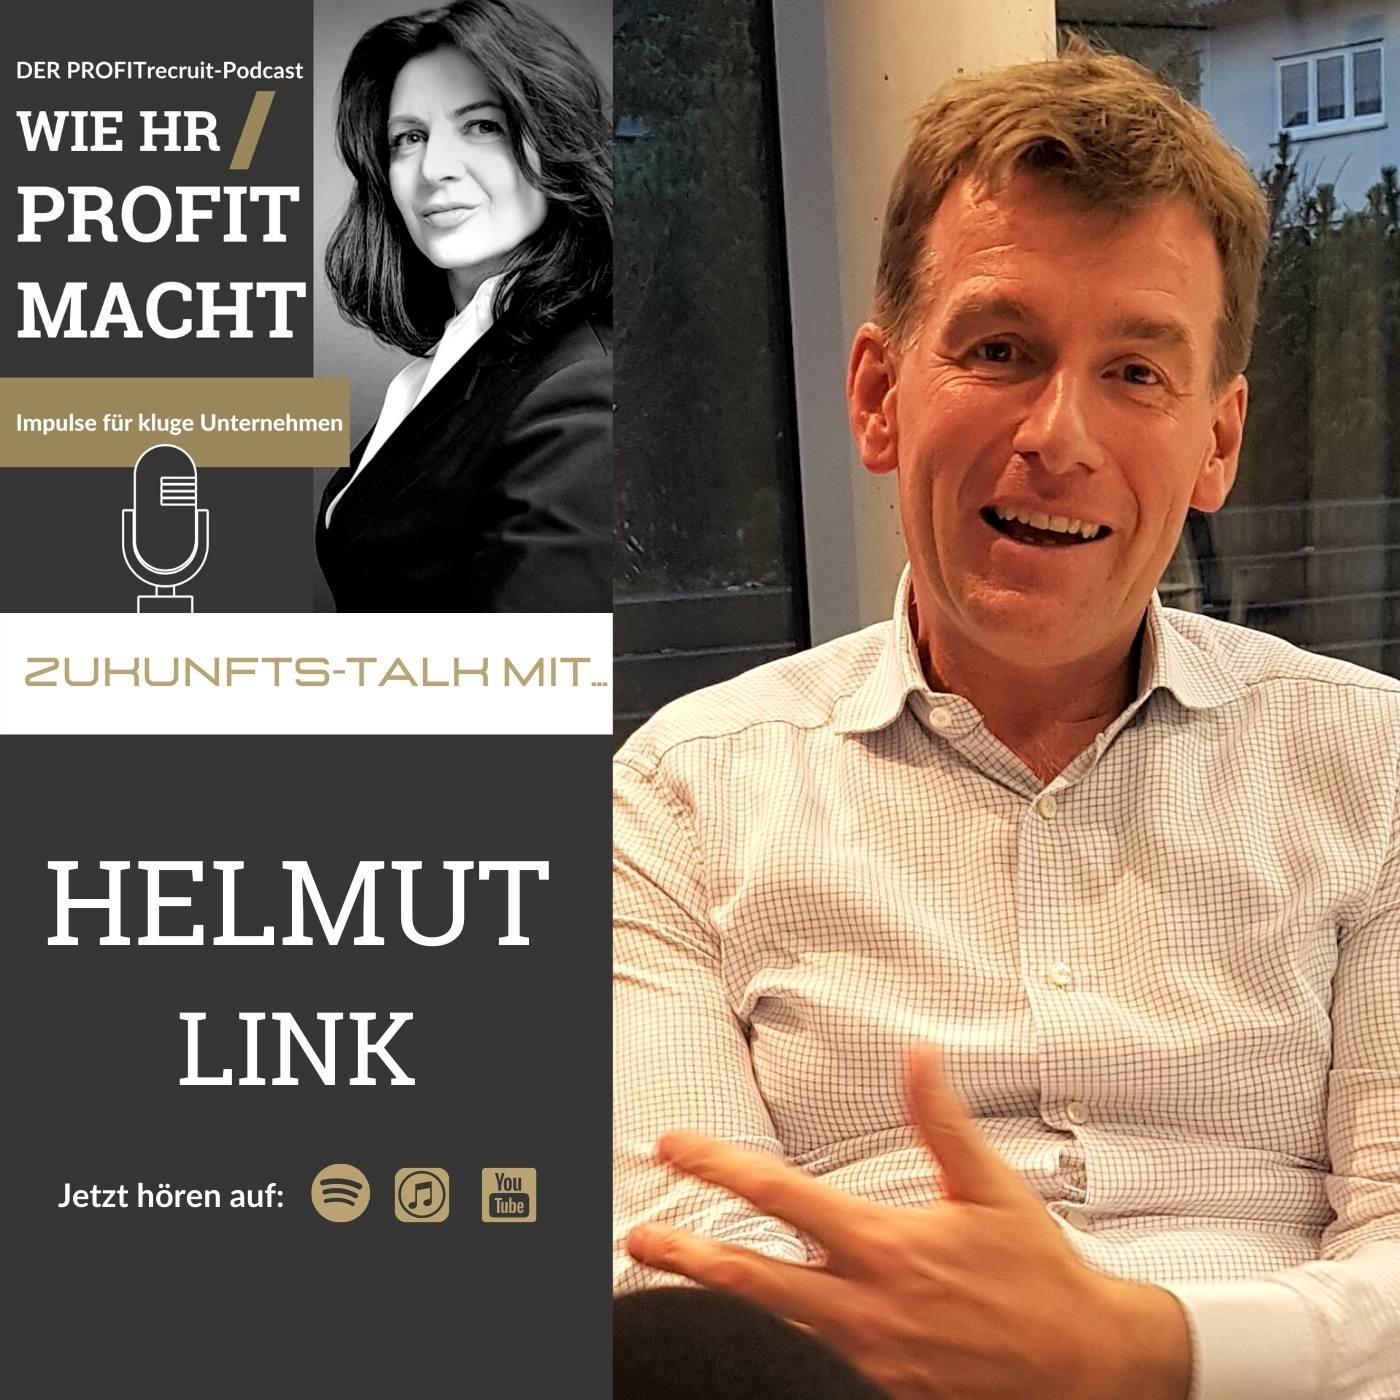 #19 Arbeit neu gedacht - Im Zukunftstalk mit Helmut Link